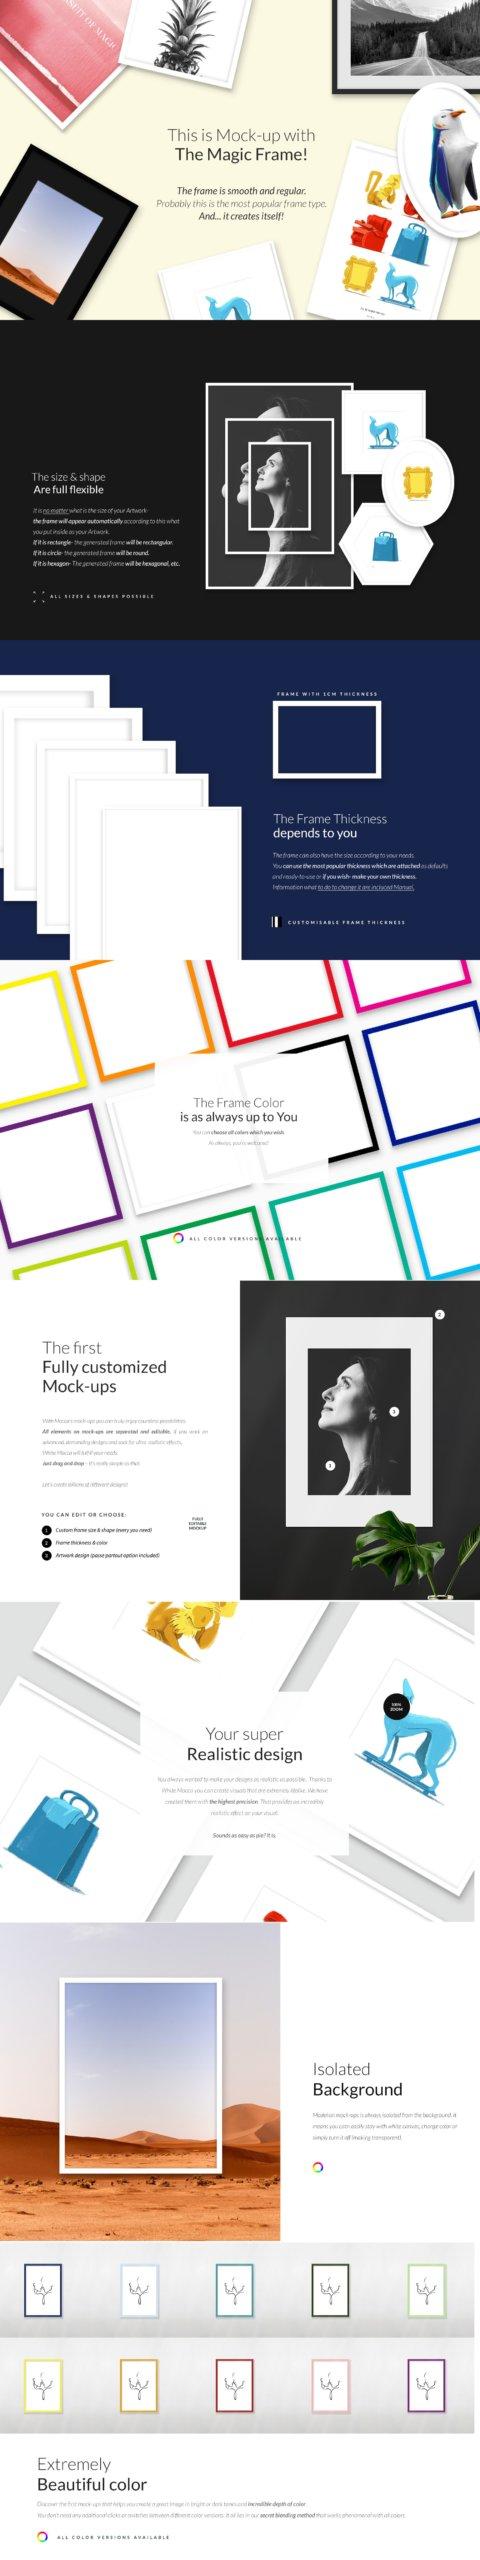 时尚绘画艺术品相片展示相框框架样机模板 Automatic Frame Mock-up Creator插图1